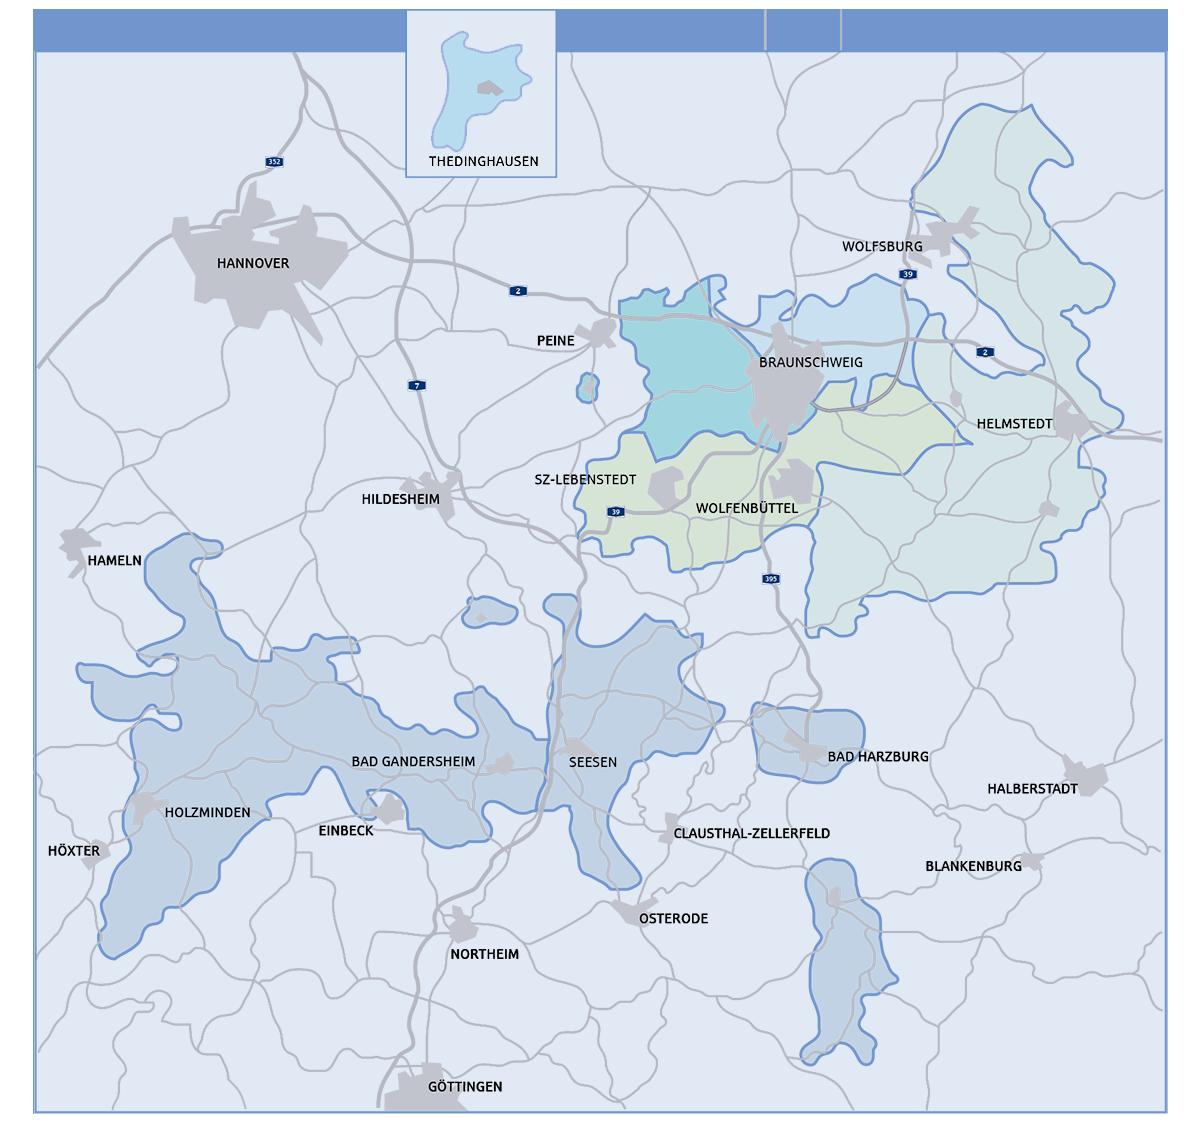 Die Offentliche Offentliche Versicherung Braunschweig